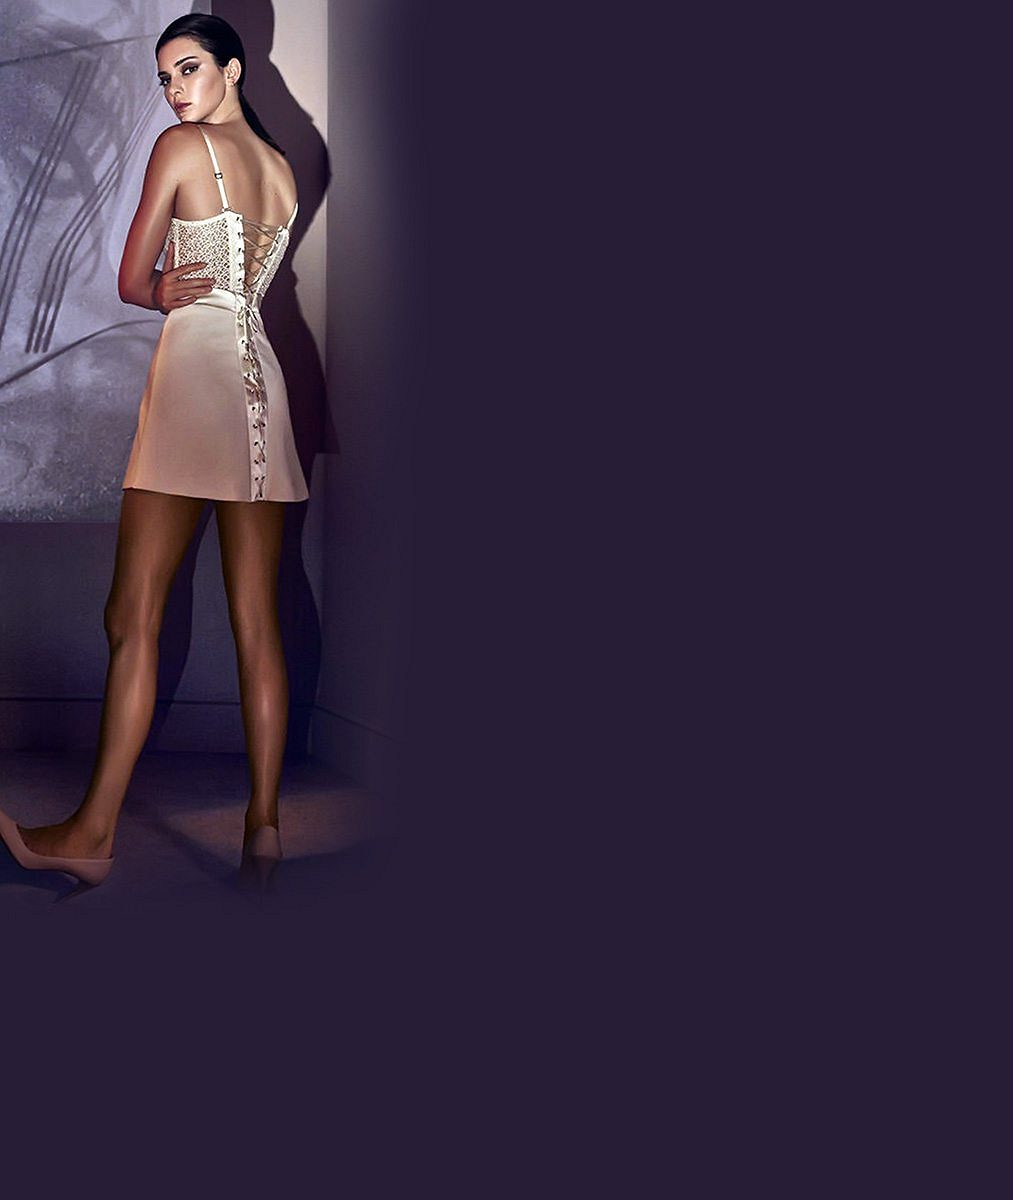 Nezastavitelná ségra Kim Kardashian válcuje modeling. V nové kampani je skoro nahá! Troufly byste si na to, dámy?